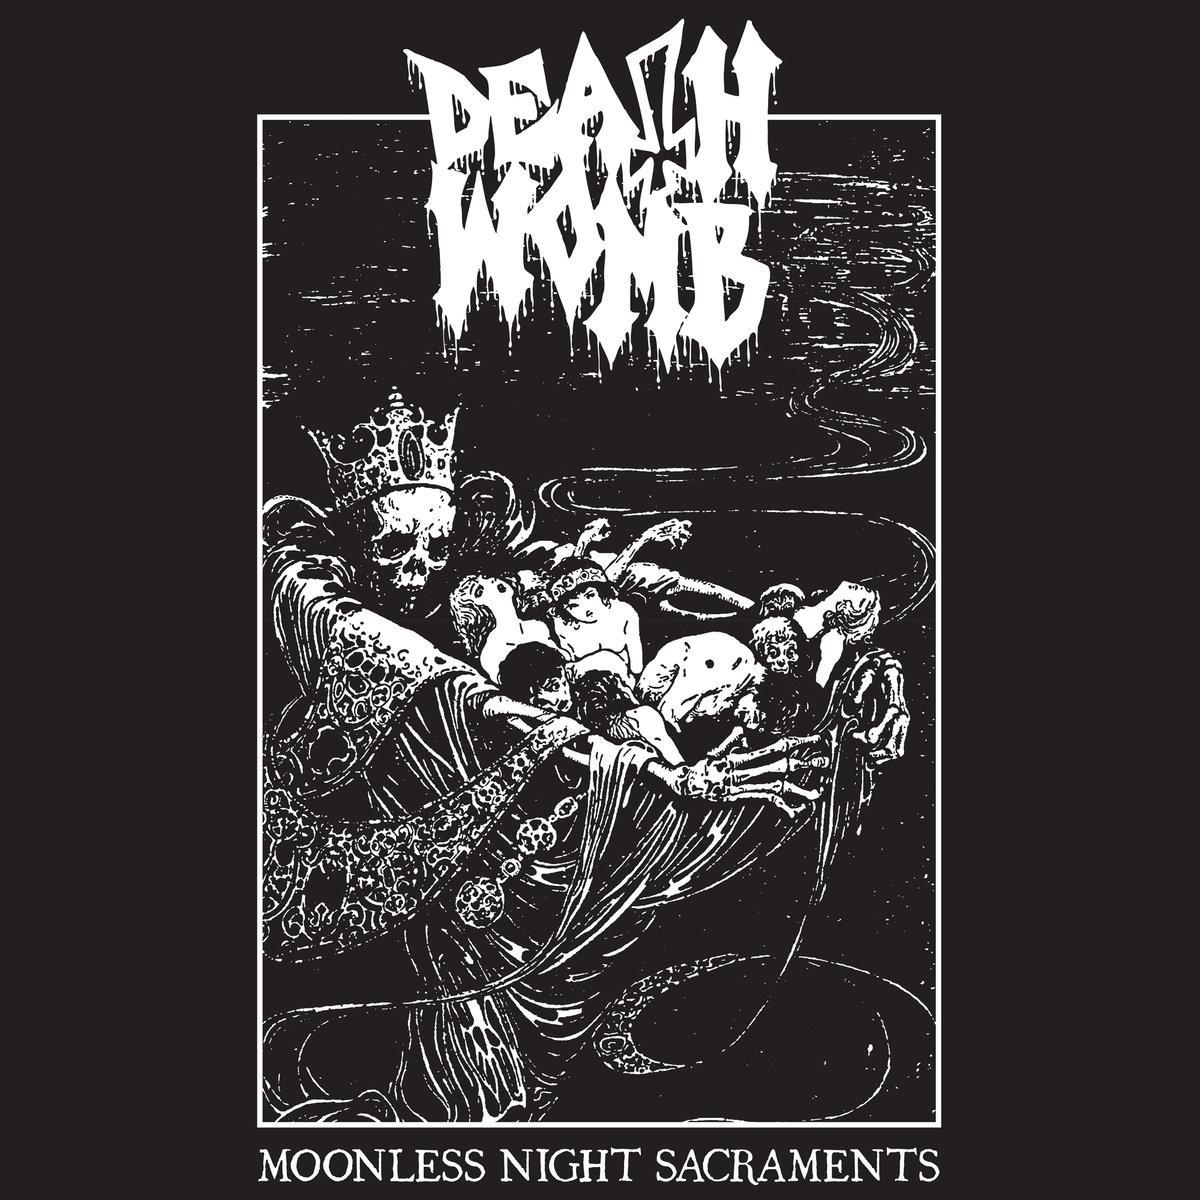 Deathwomb - Moonless Night Sacraments